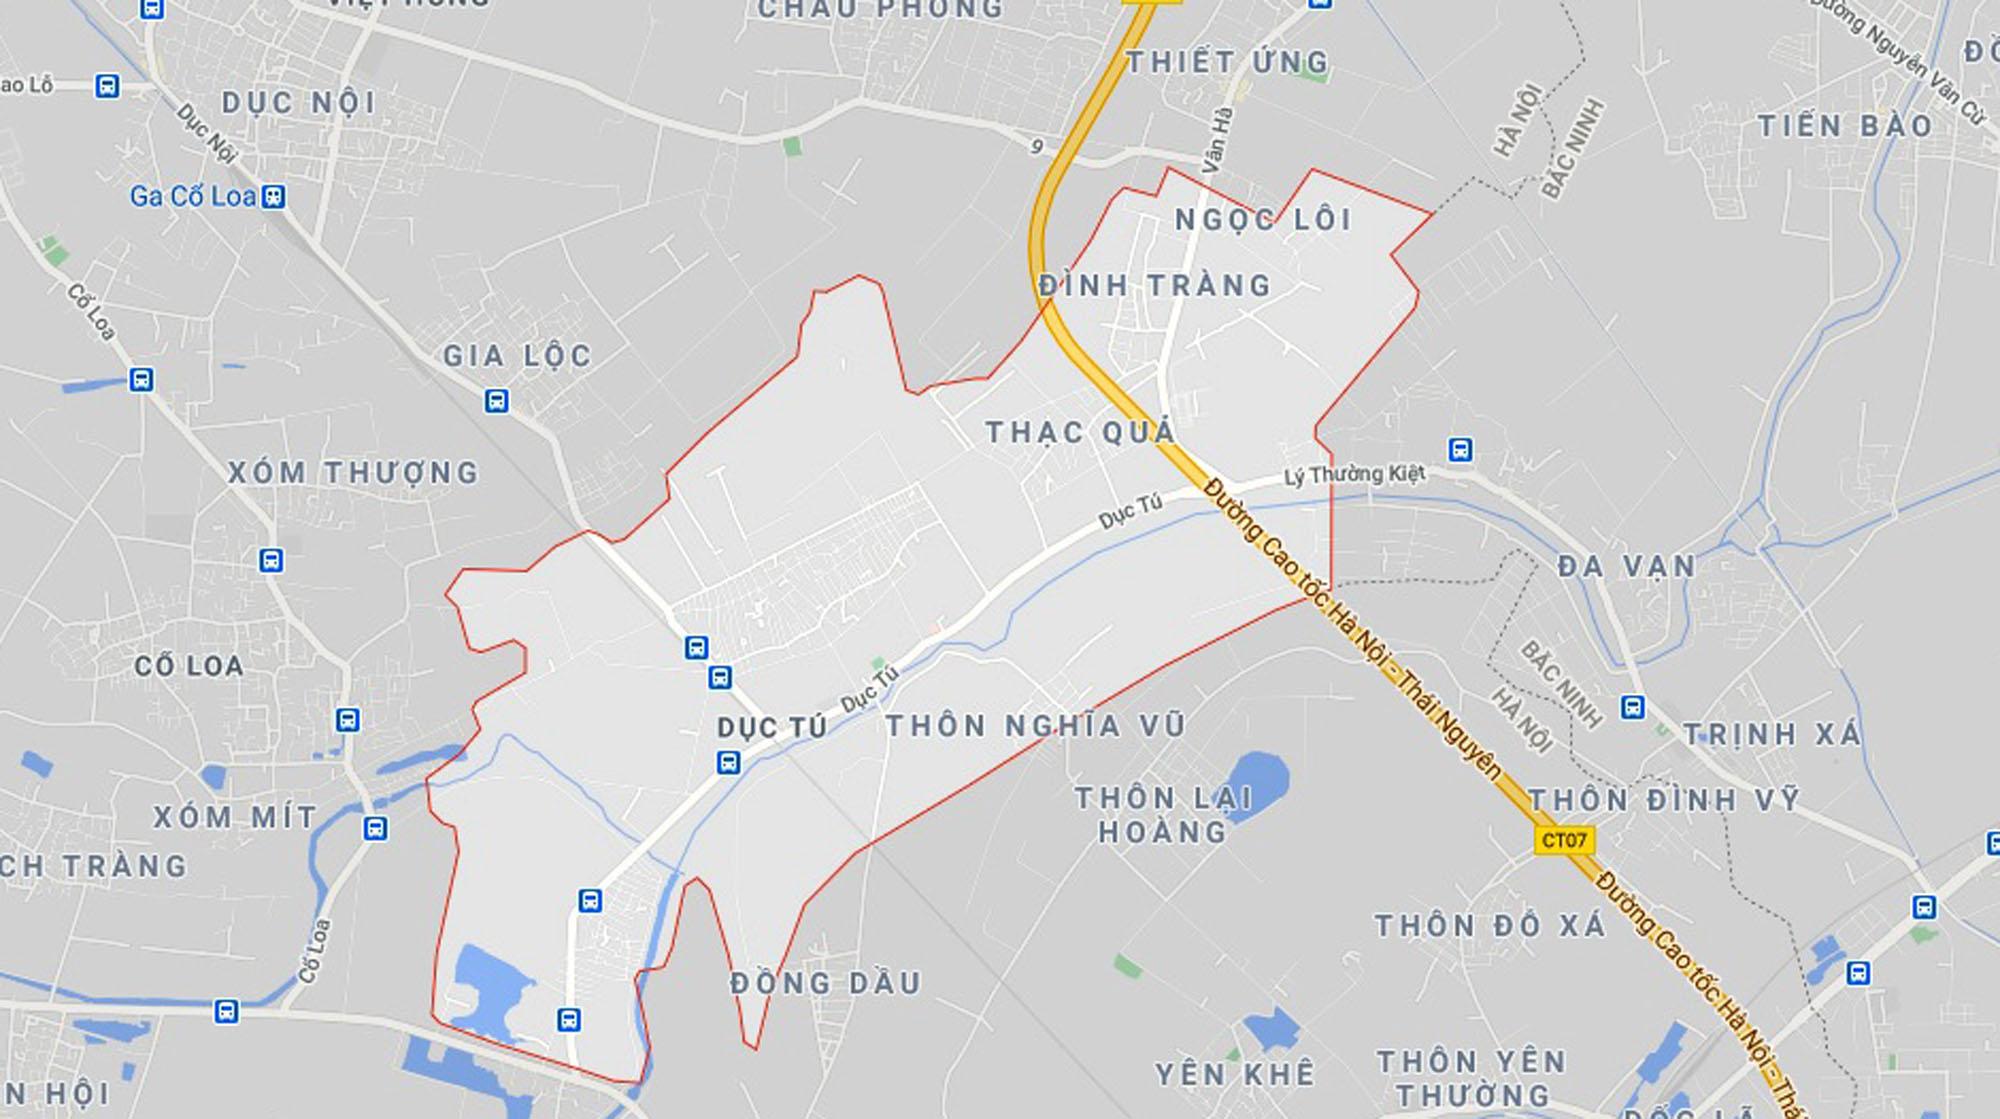 đường sẽ mở theo qui hoạch ở xã Dục Tú, Đông Anh, Hà Nội - Ảnh 1.